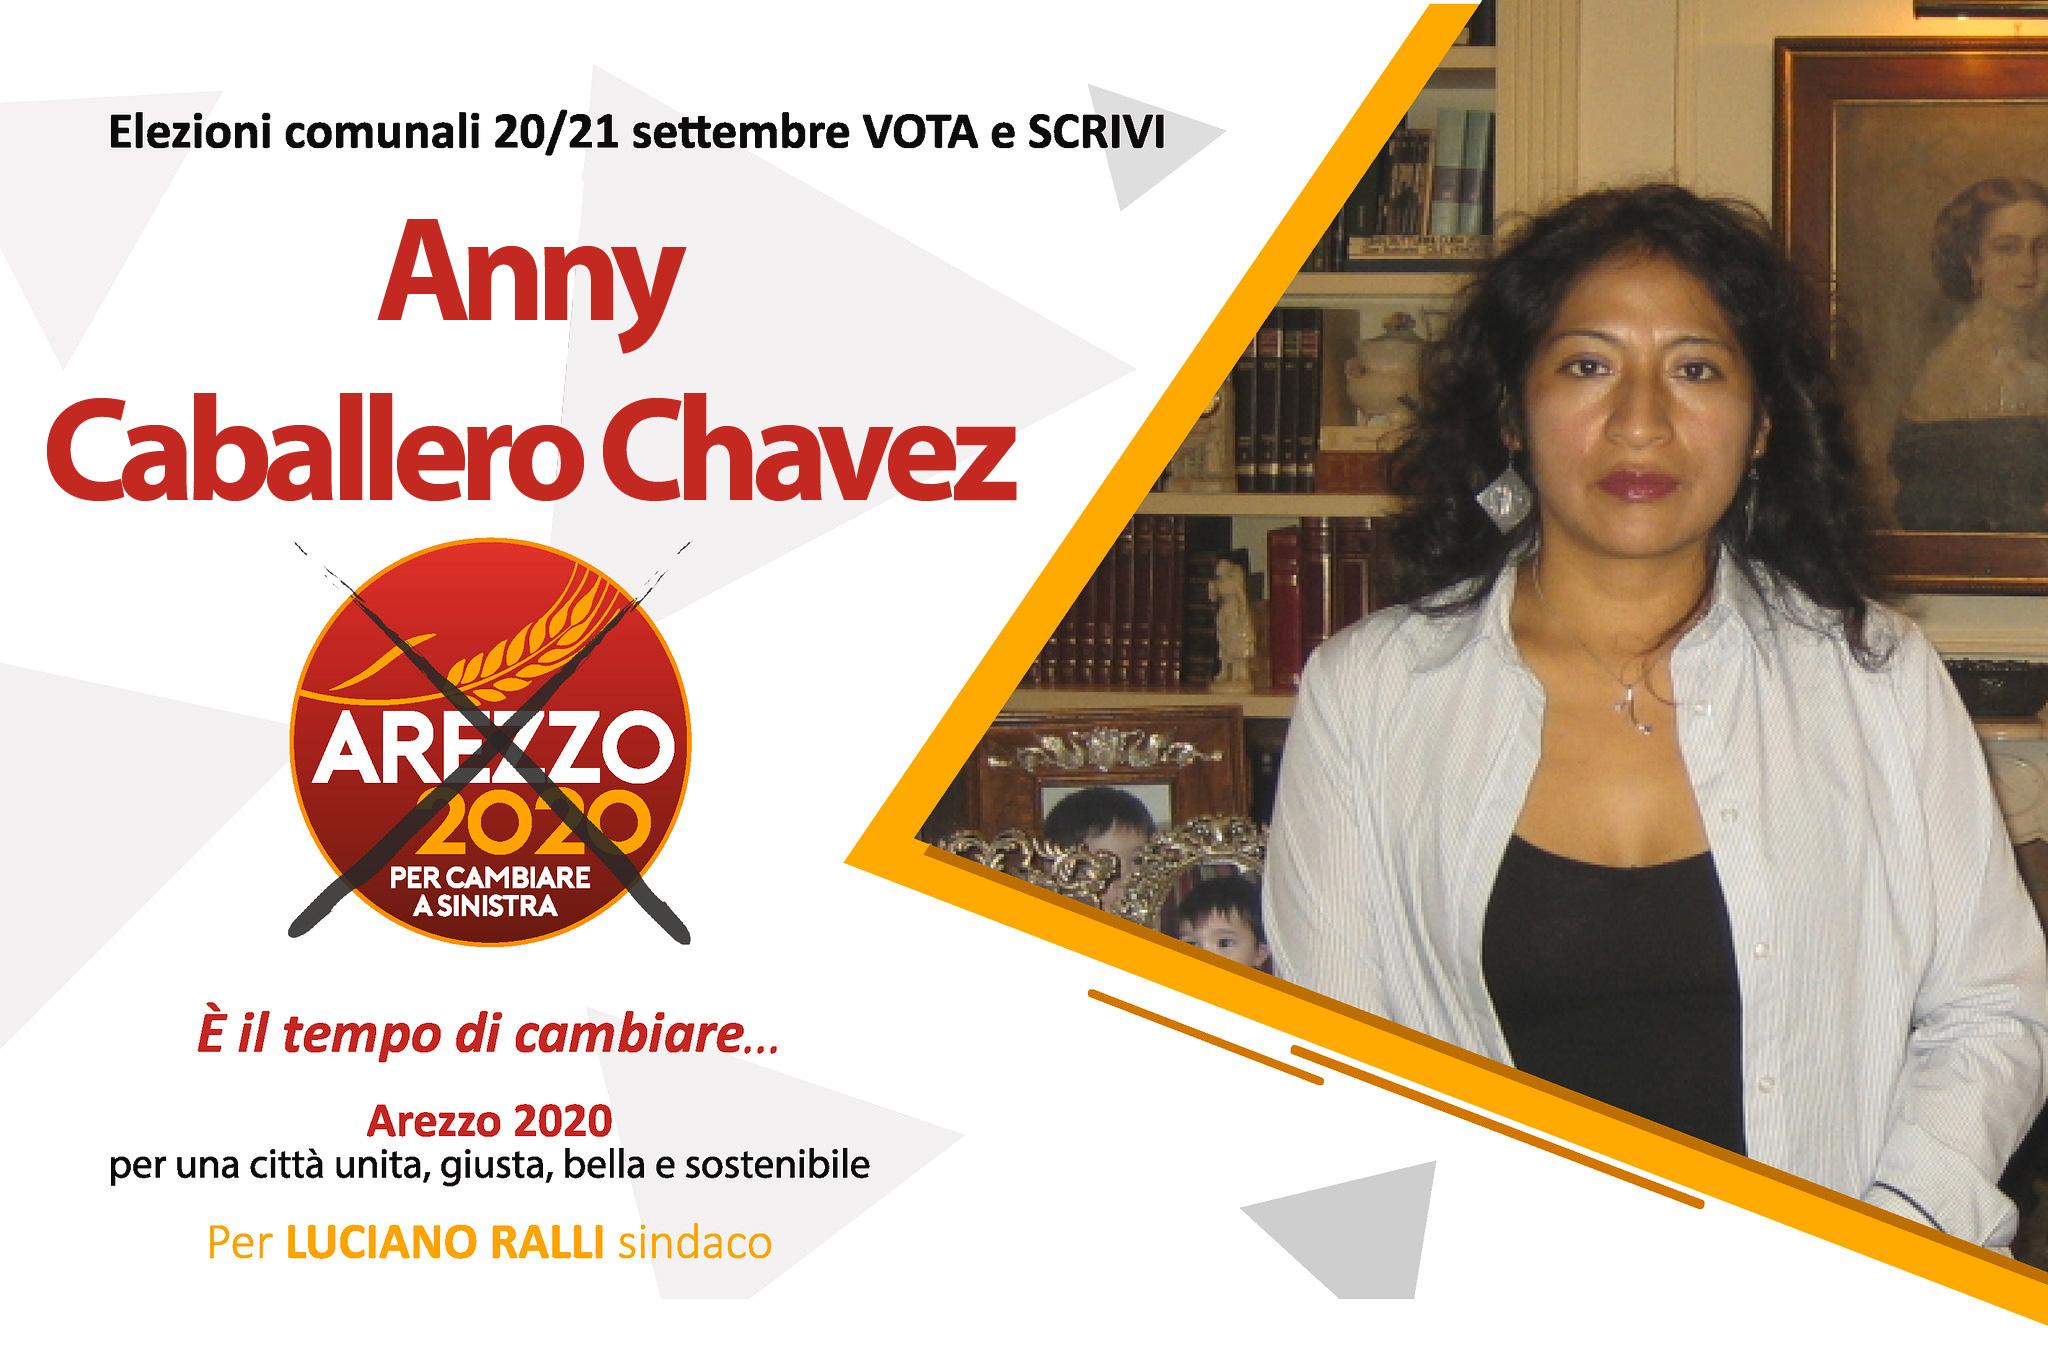 Anny-Caballero